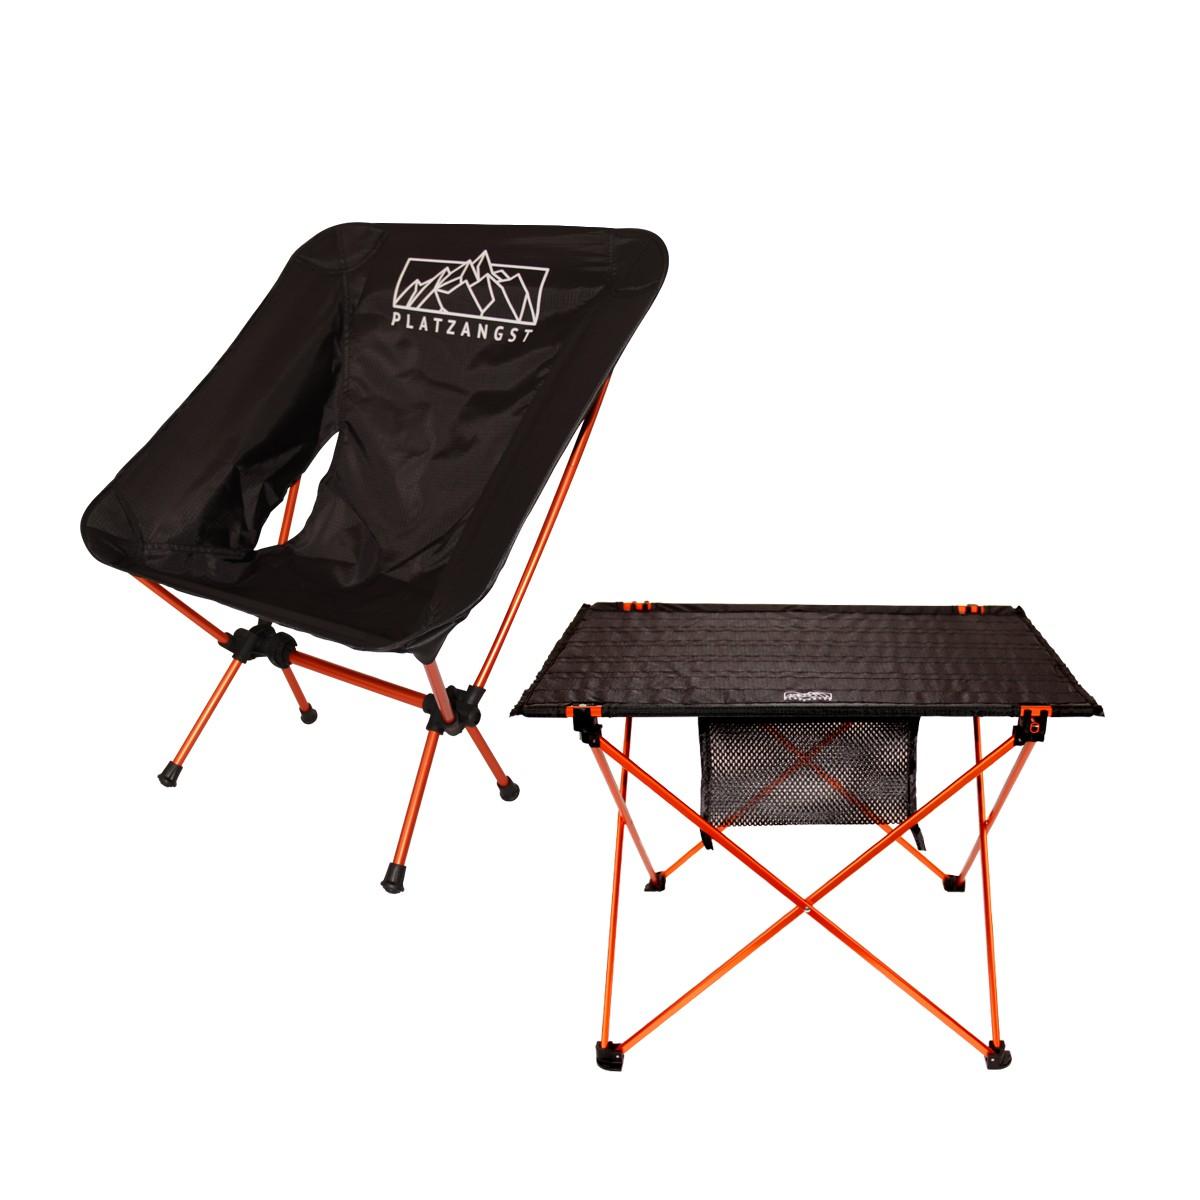 platzangst camping set online kaufen bmo bike mailorder rh platzangst com